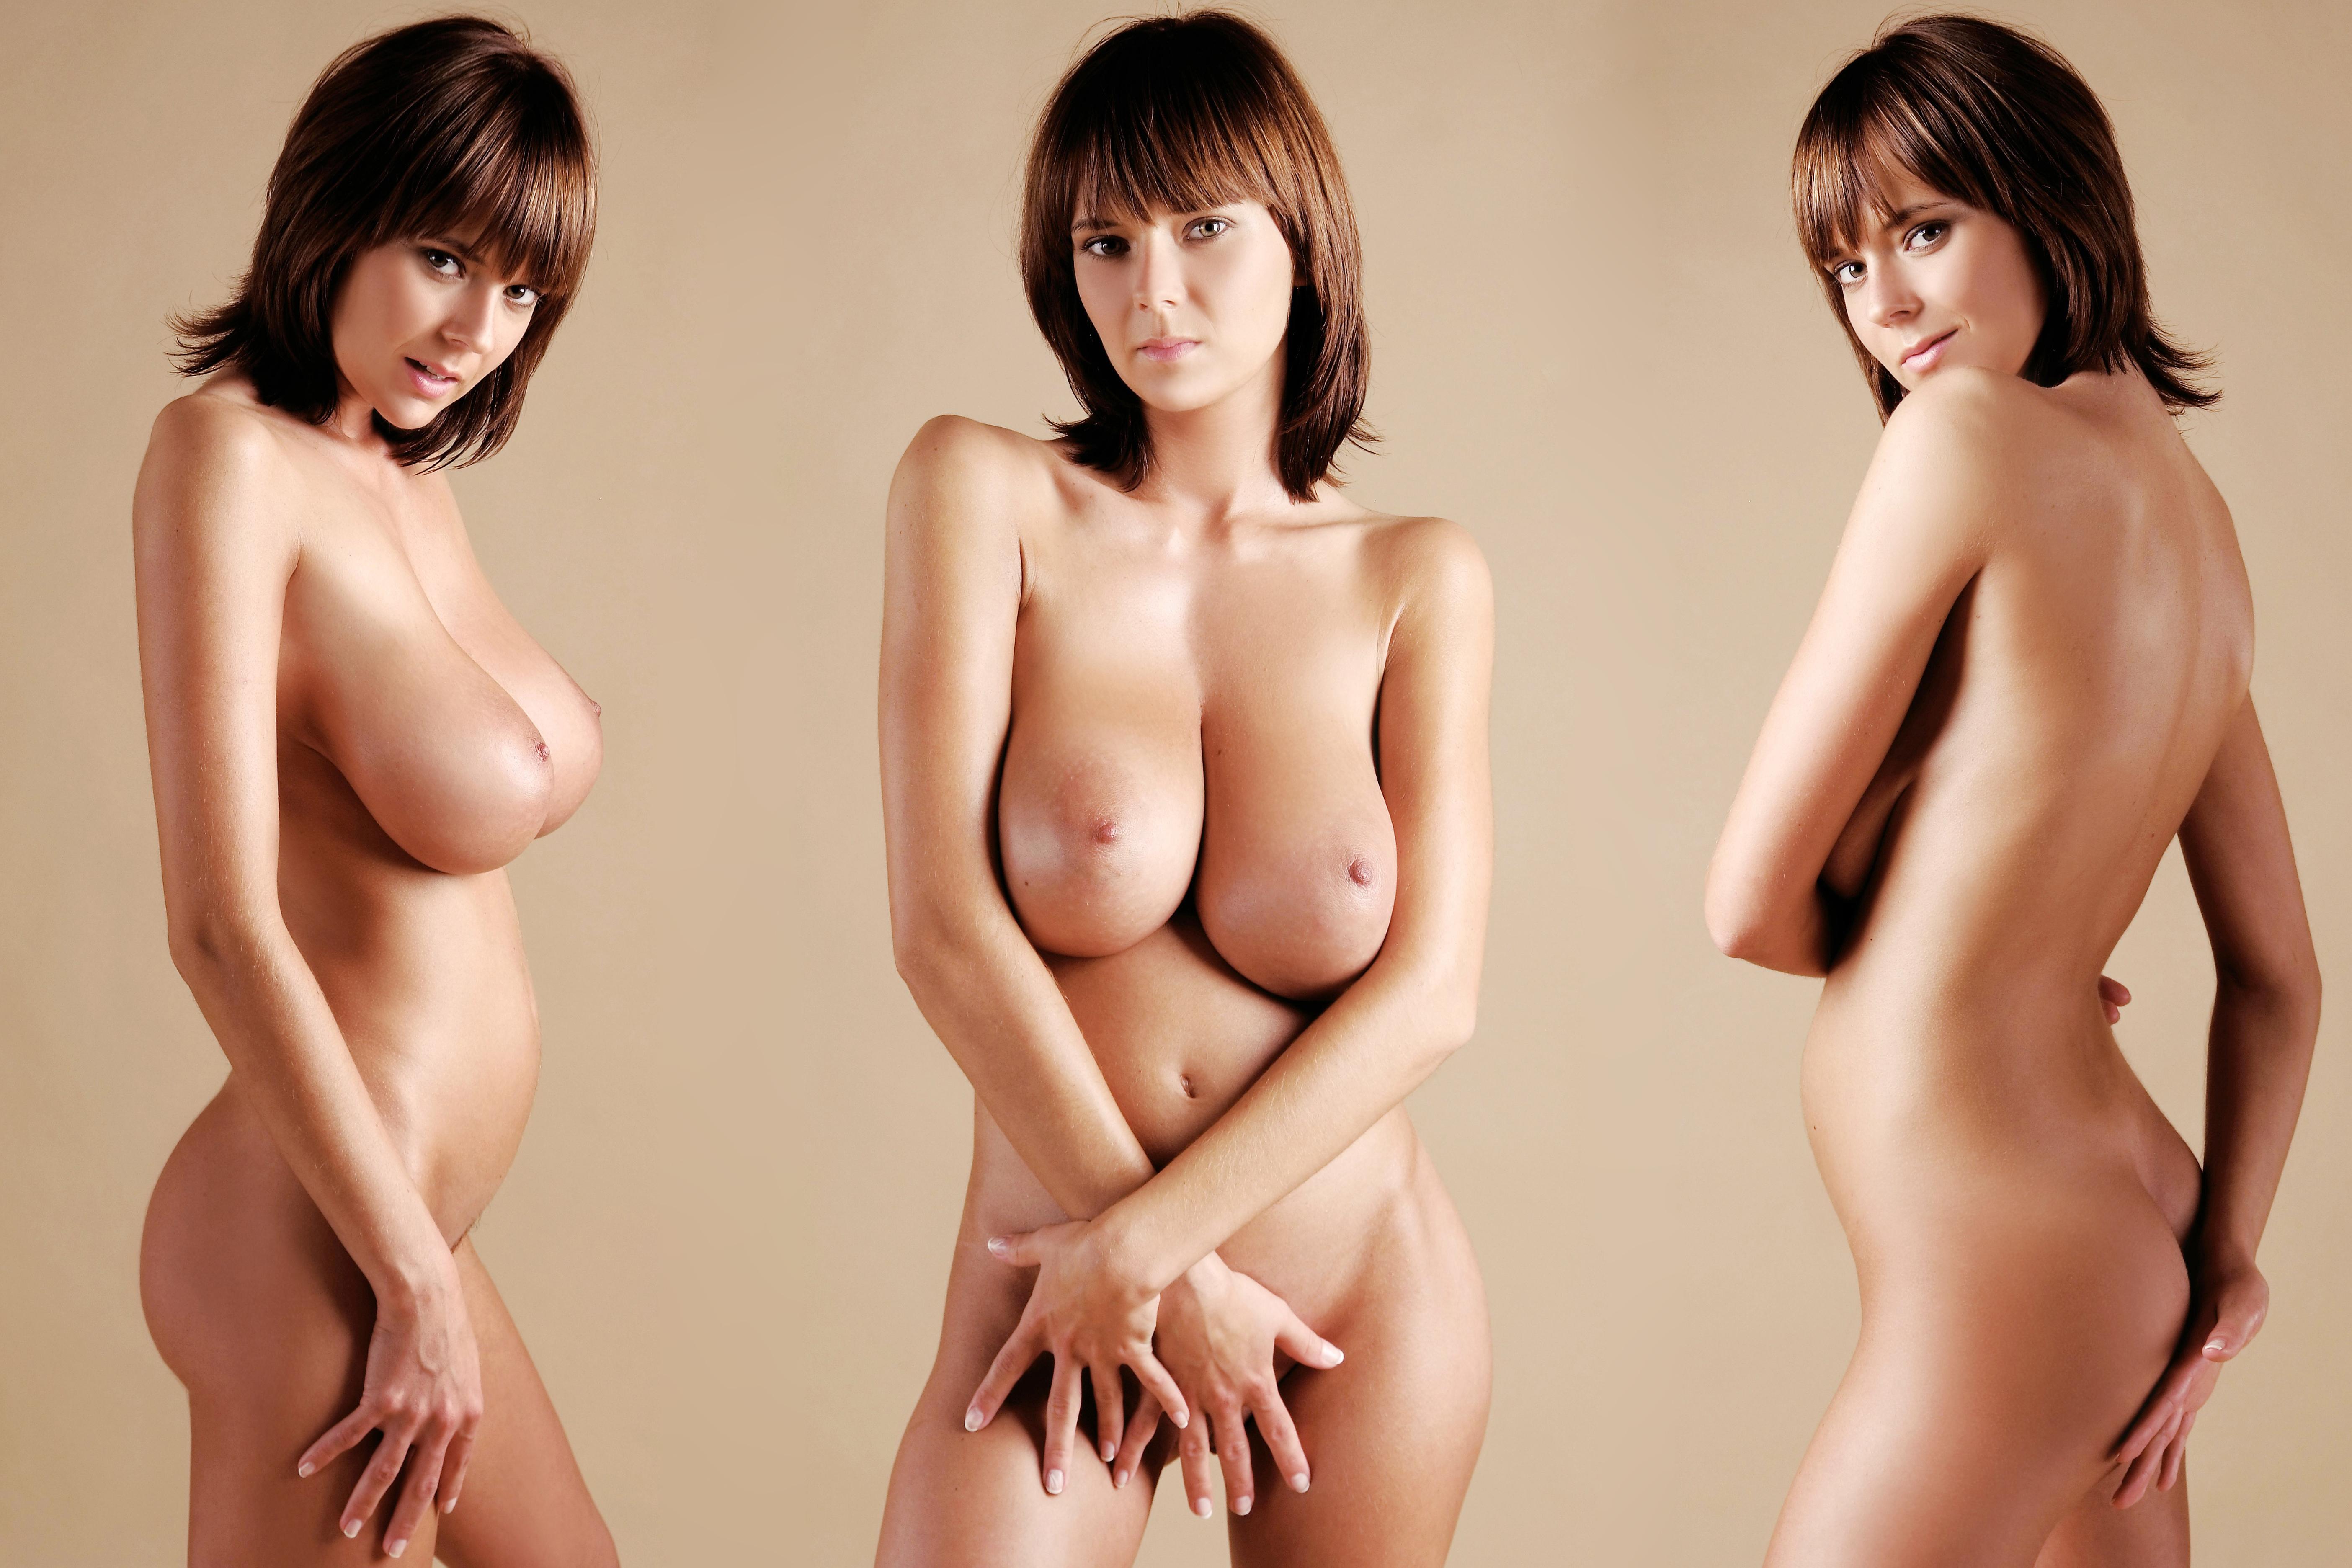 Фото Голых Женщин С 4 Размером